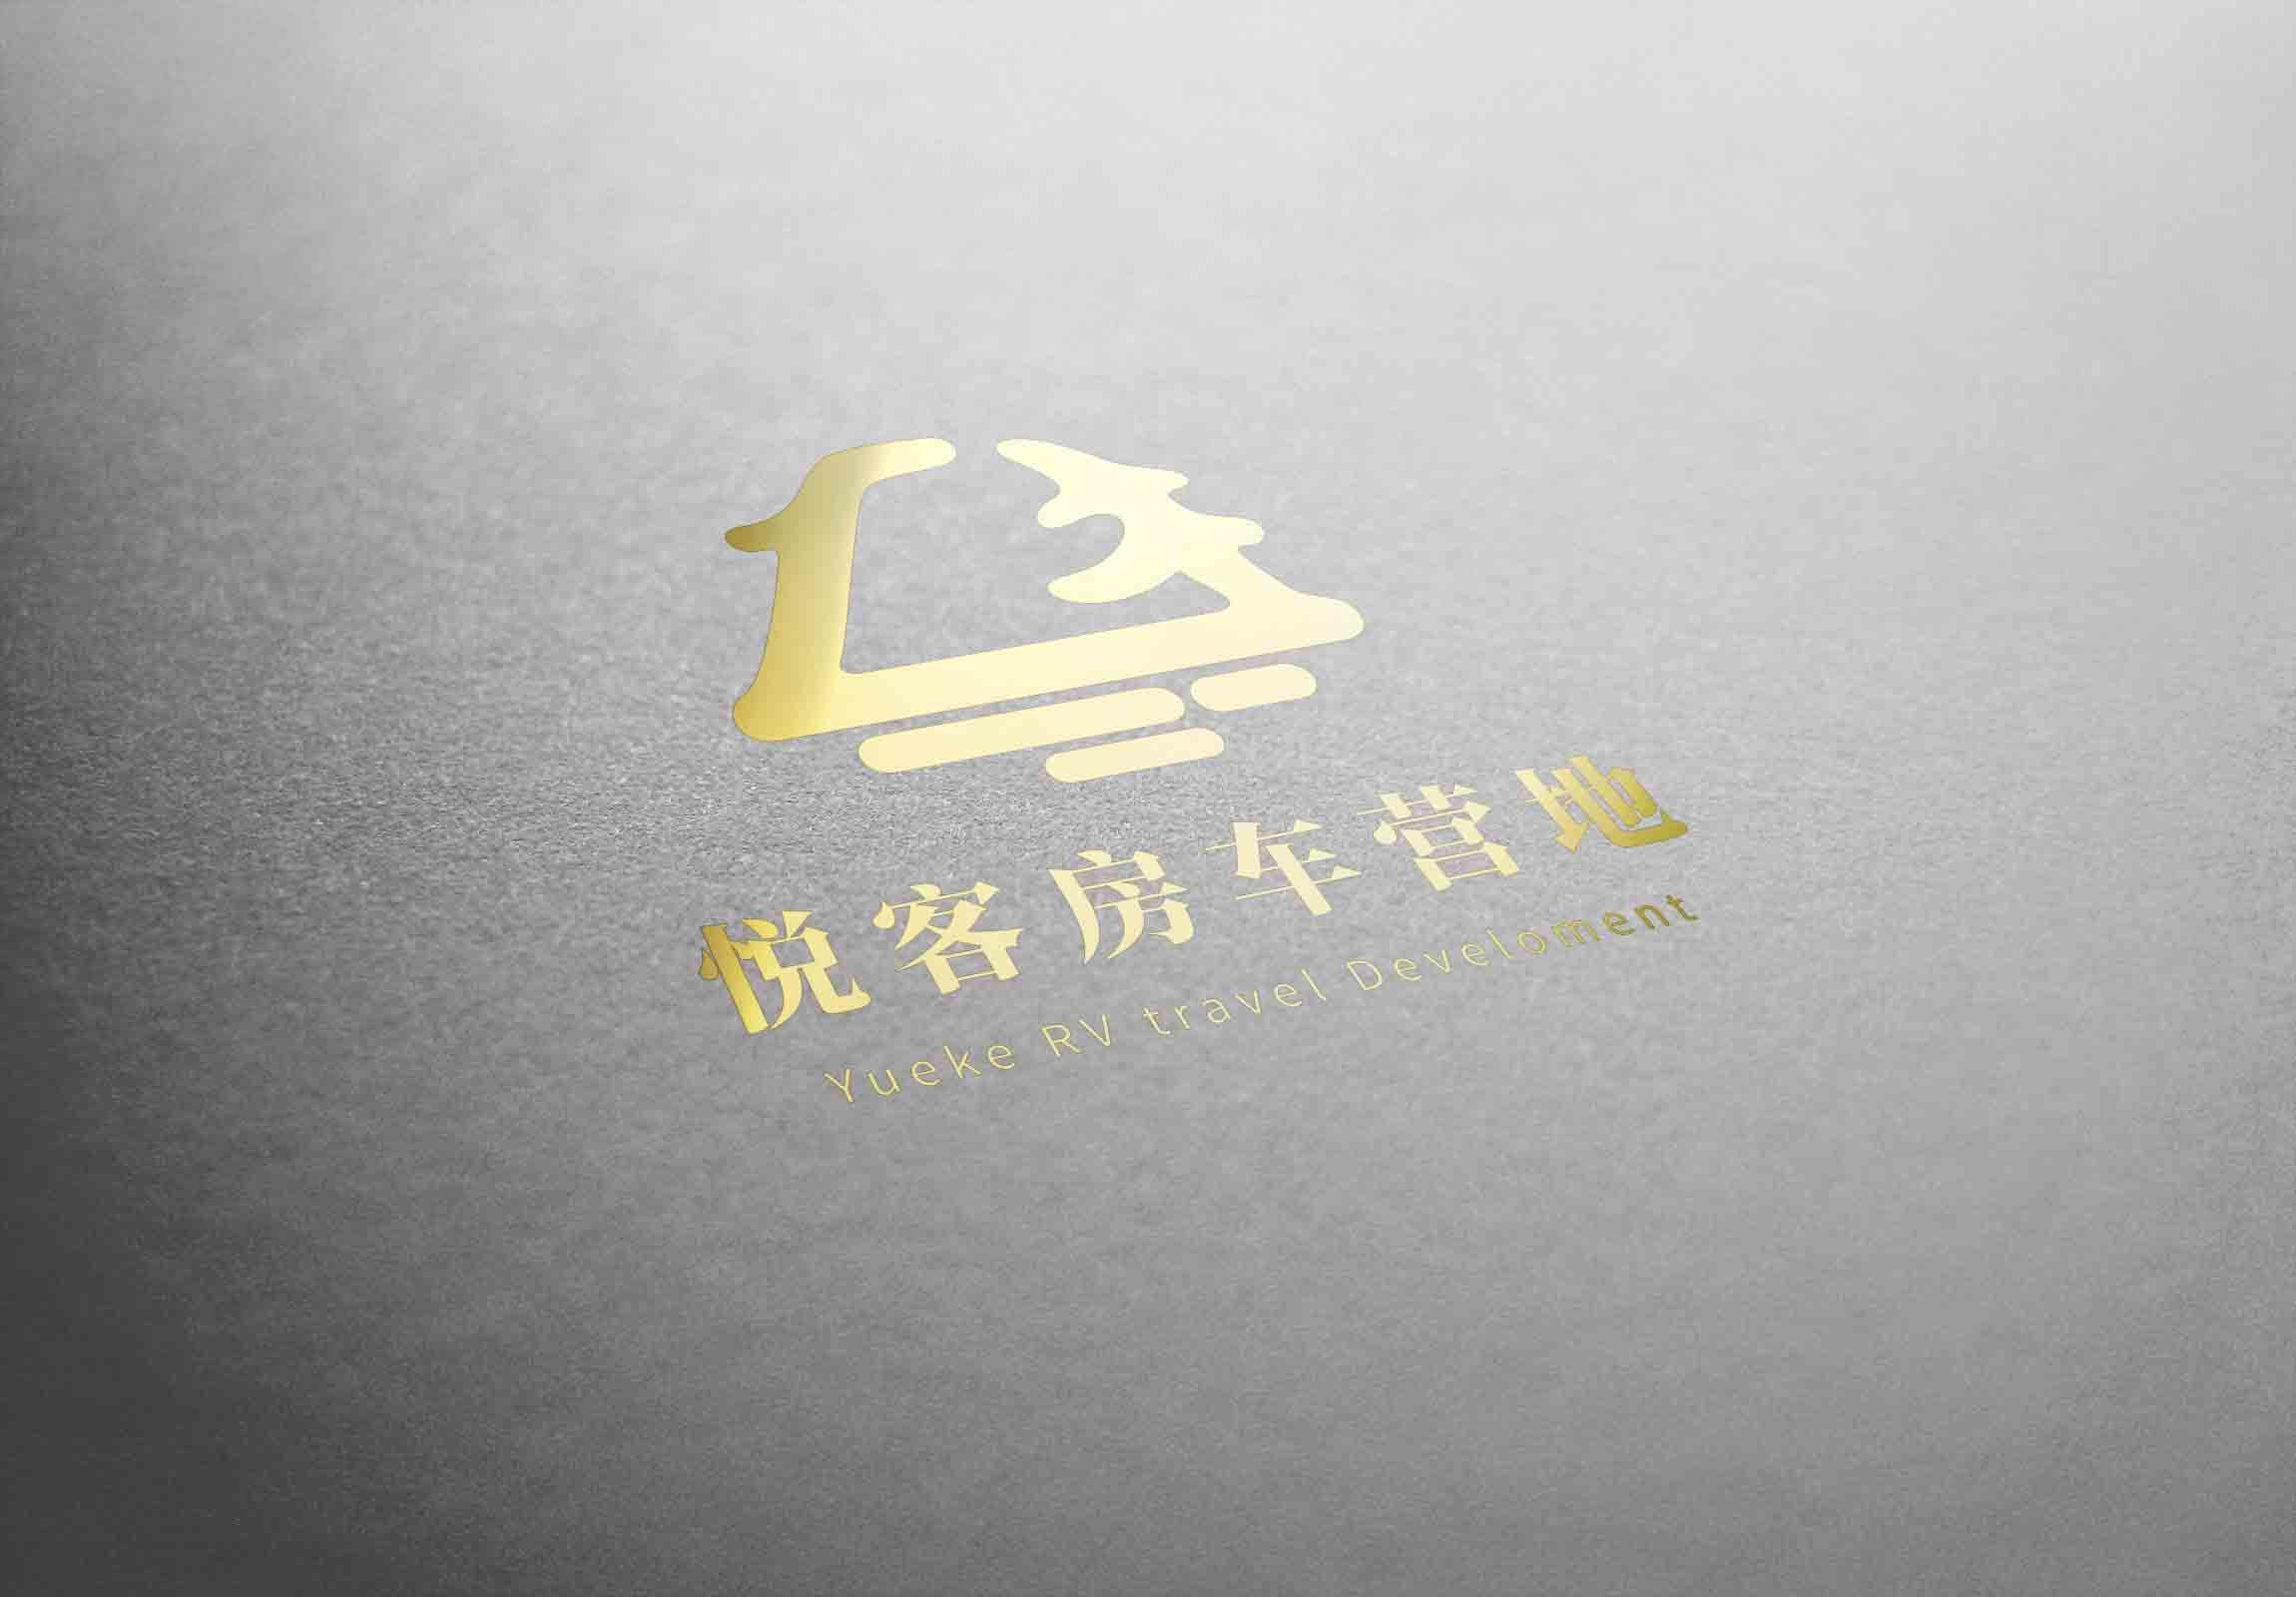 房车营地logo设计_2964188_k68威客网